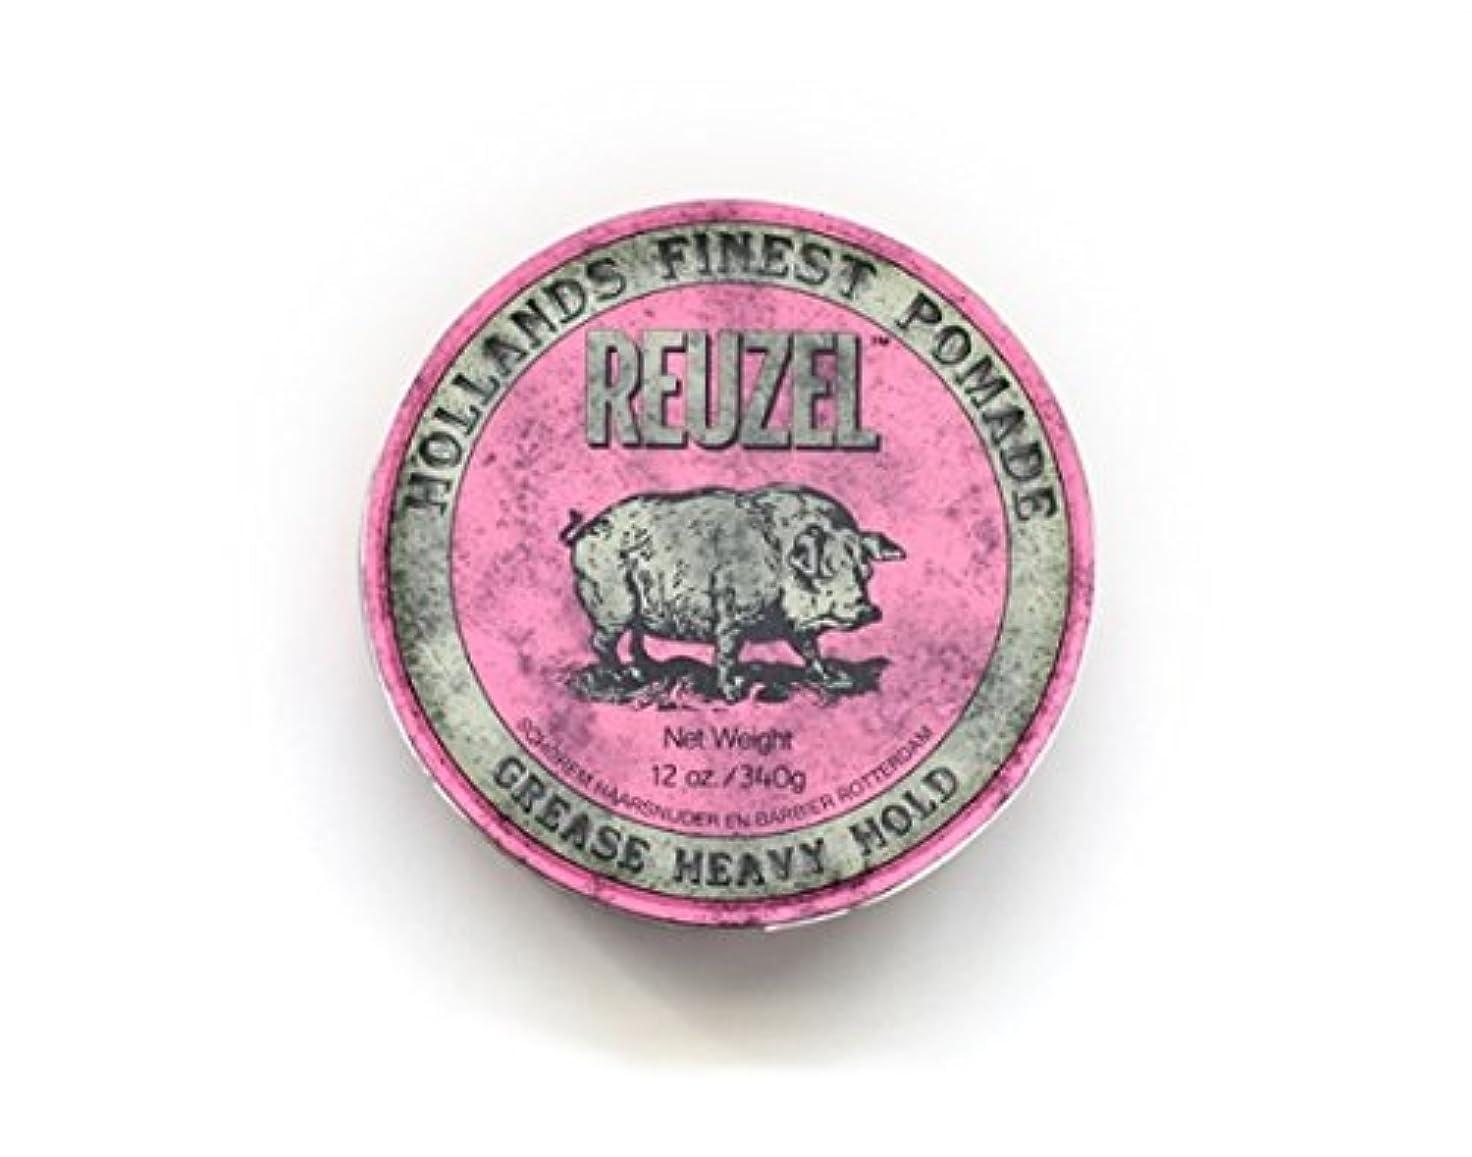 肥満ブランチ概してルーゾー ポマード ヘビーホールド 油性 【ピンク】340g  REUZEL ルーゾーポマード